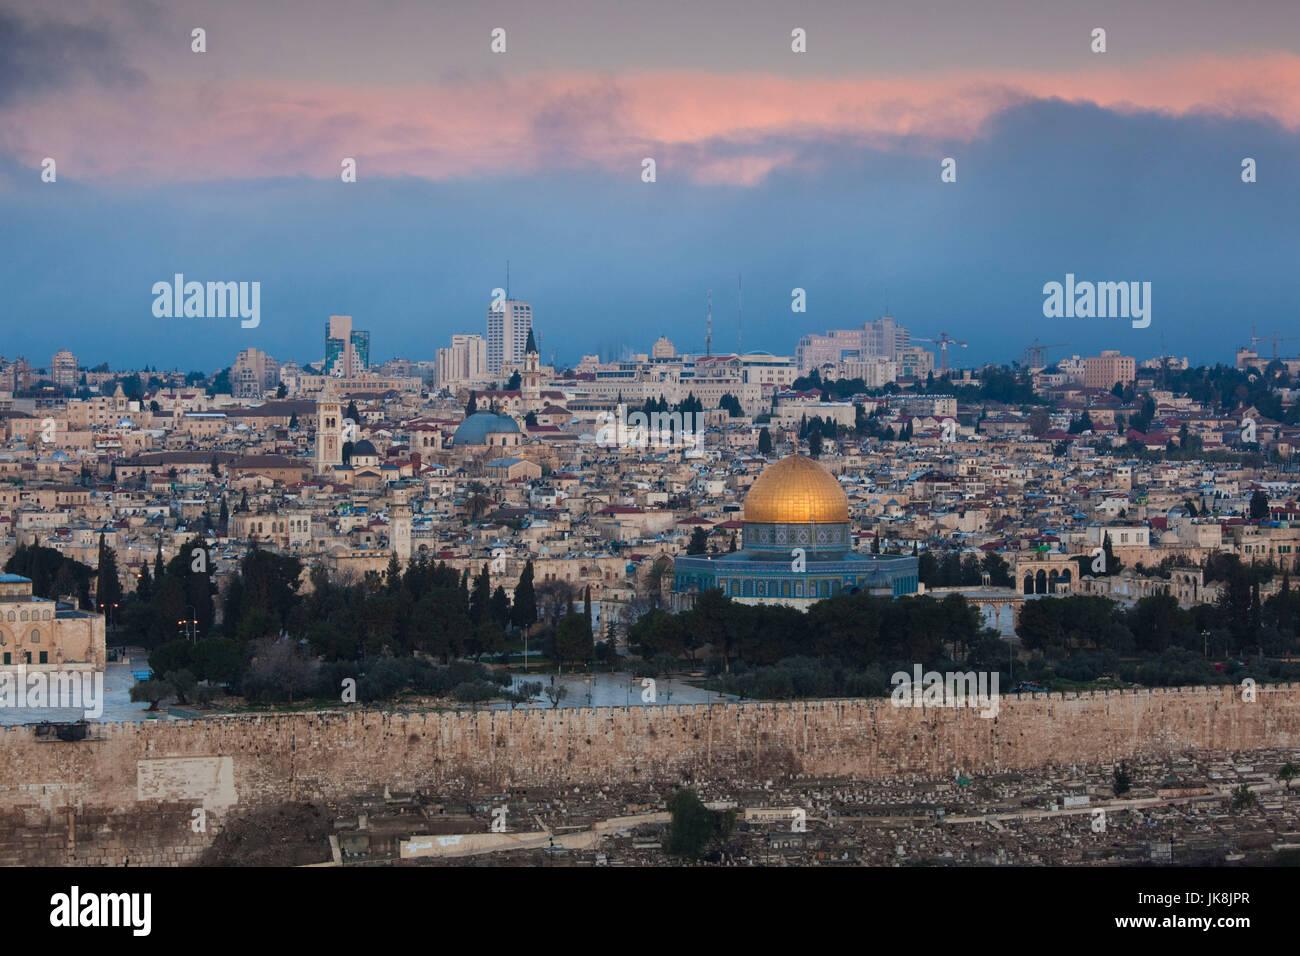 Israël, Jérusalem, augmentation de la vue sur la ville avec le Mont du Temple et Dôme du rocher du Photo Stock